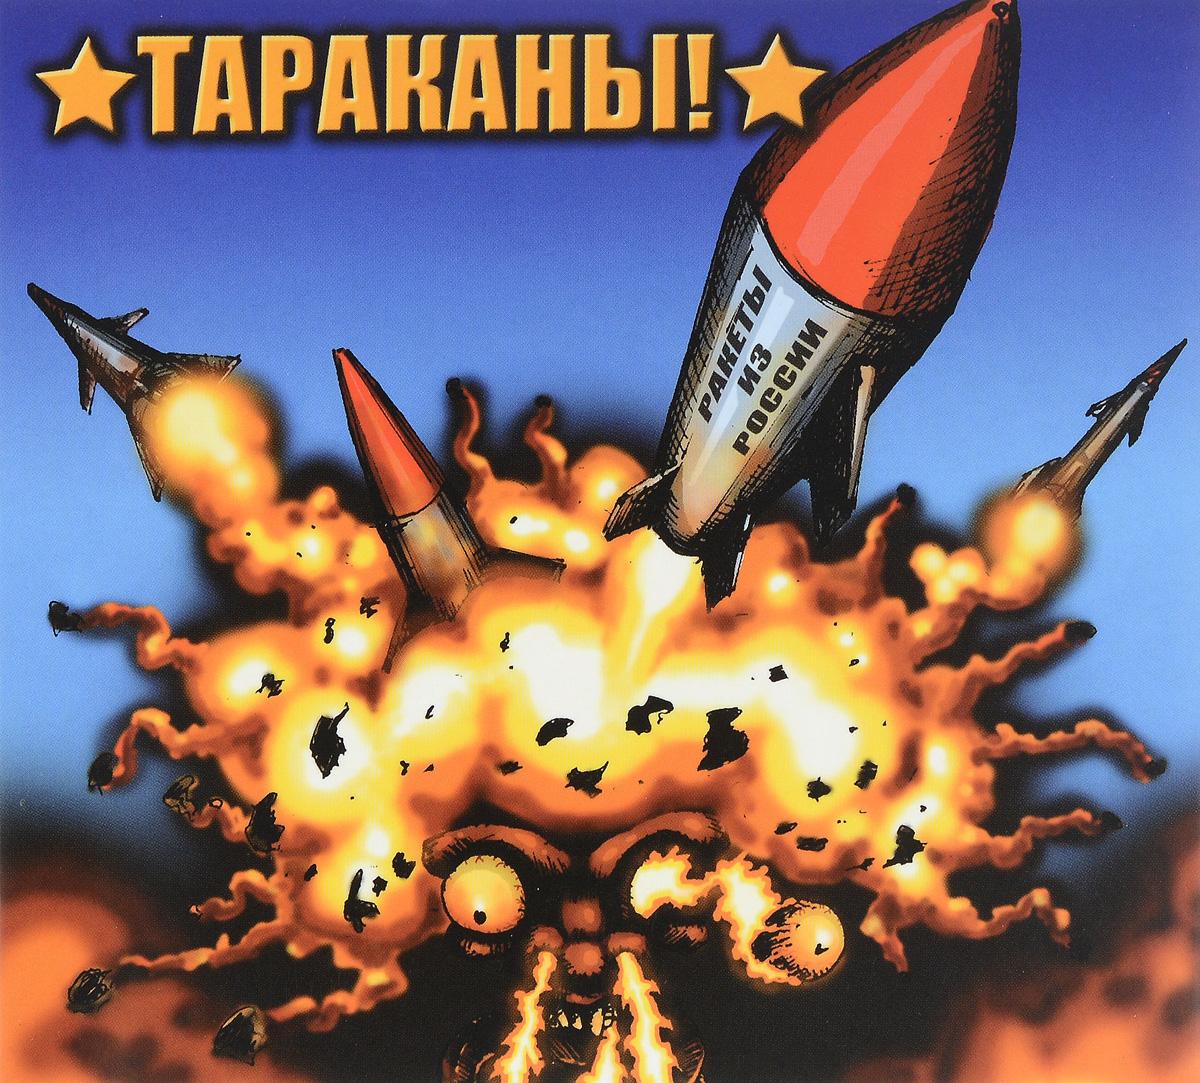 Издание содержит раскладку с текстами песен на русском языке и фотографией солистов группы.